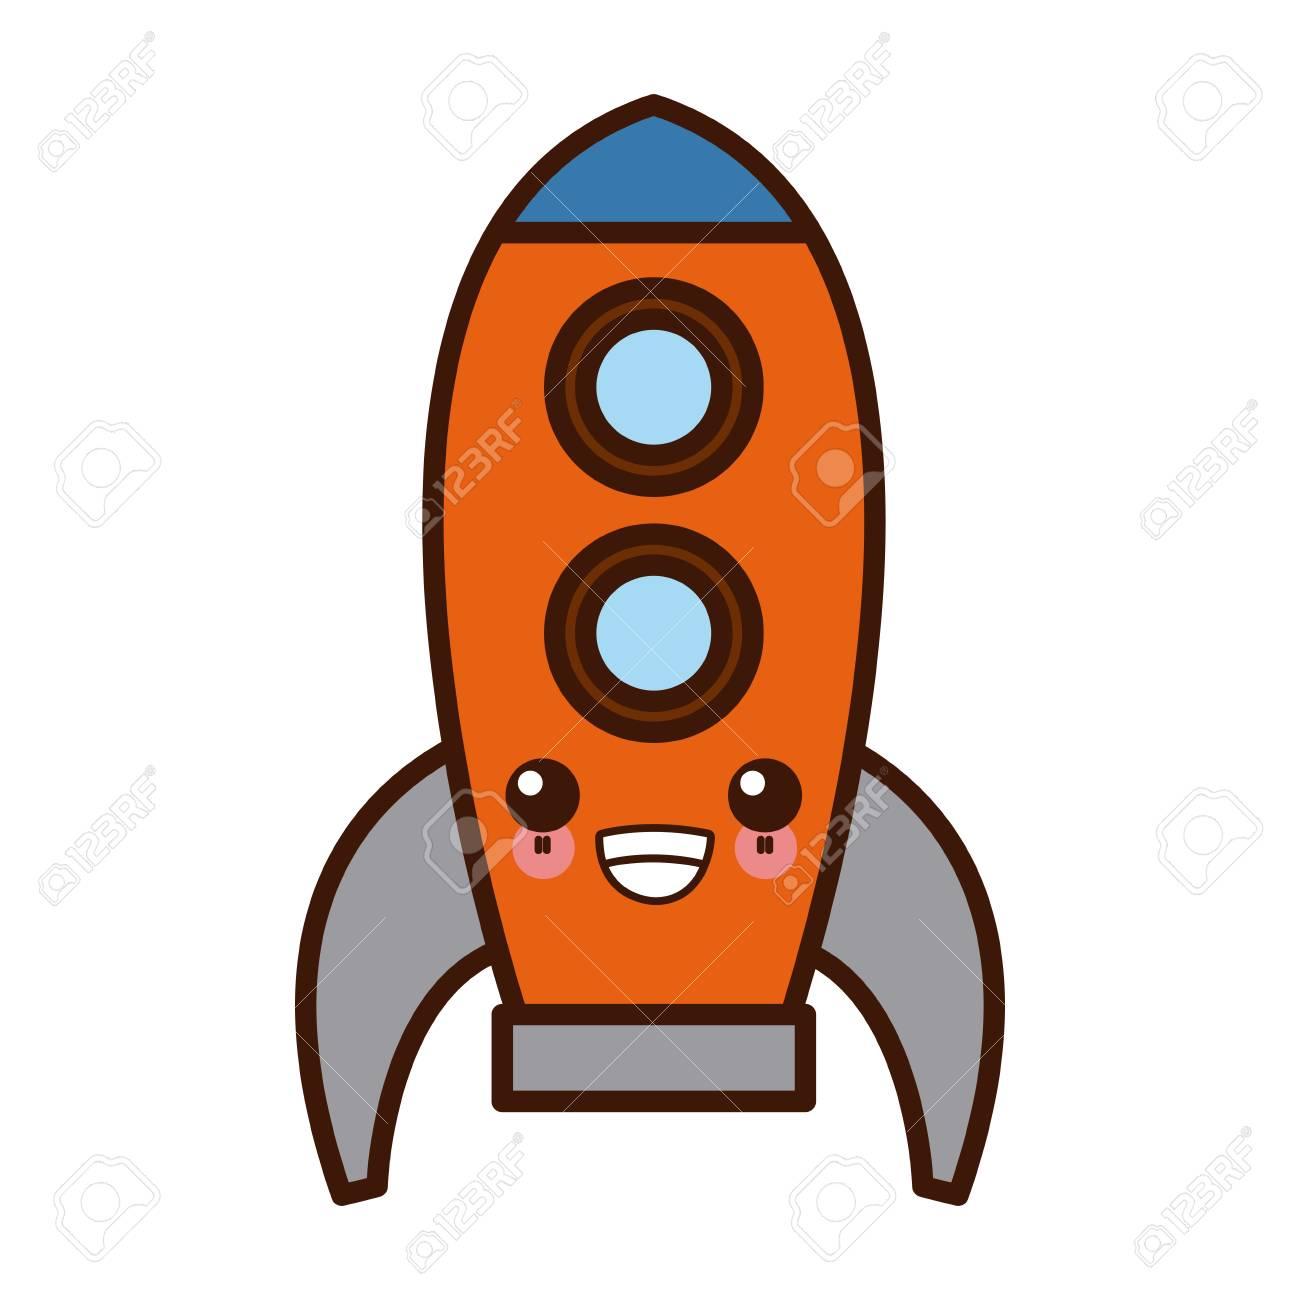 宇宙船ロケット シンボルかわいいかわいい漫画ベクトル イラスト